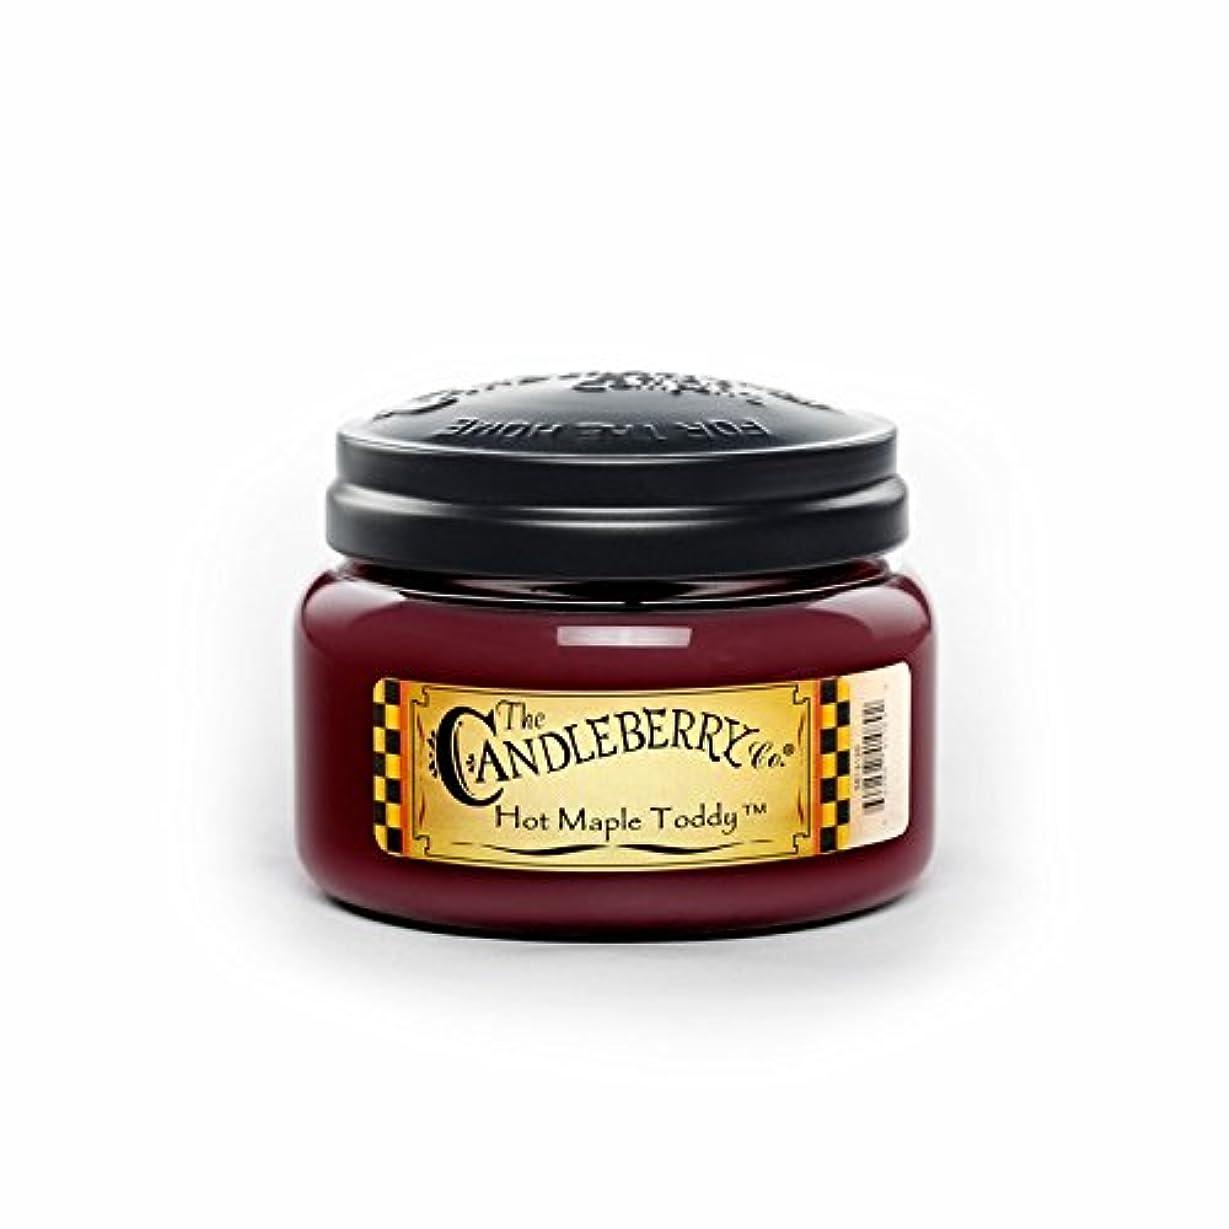 委員長パネル状ホットMaple Toddy Toddy 10オンスJar Candleberry Small Candle